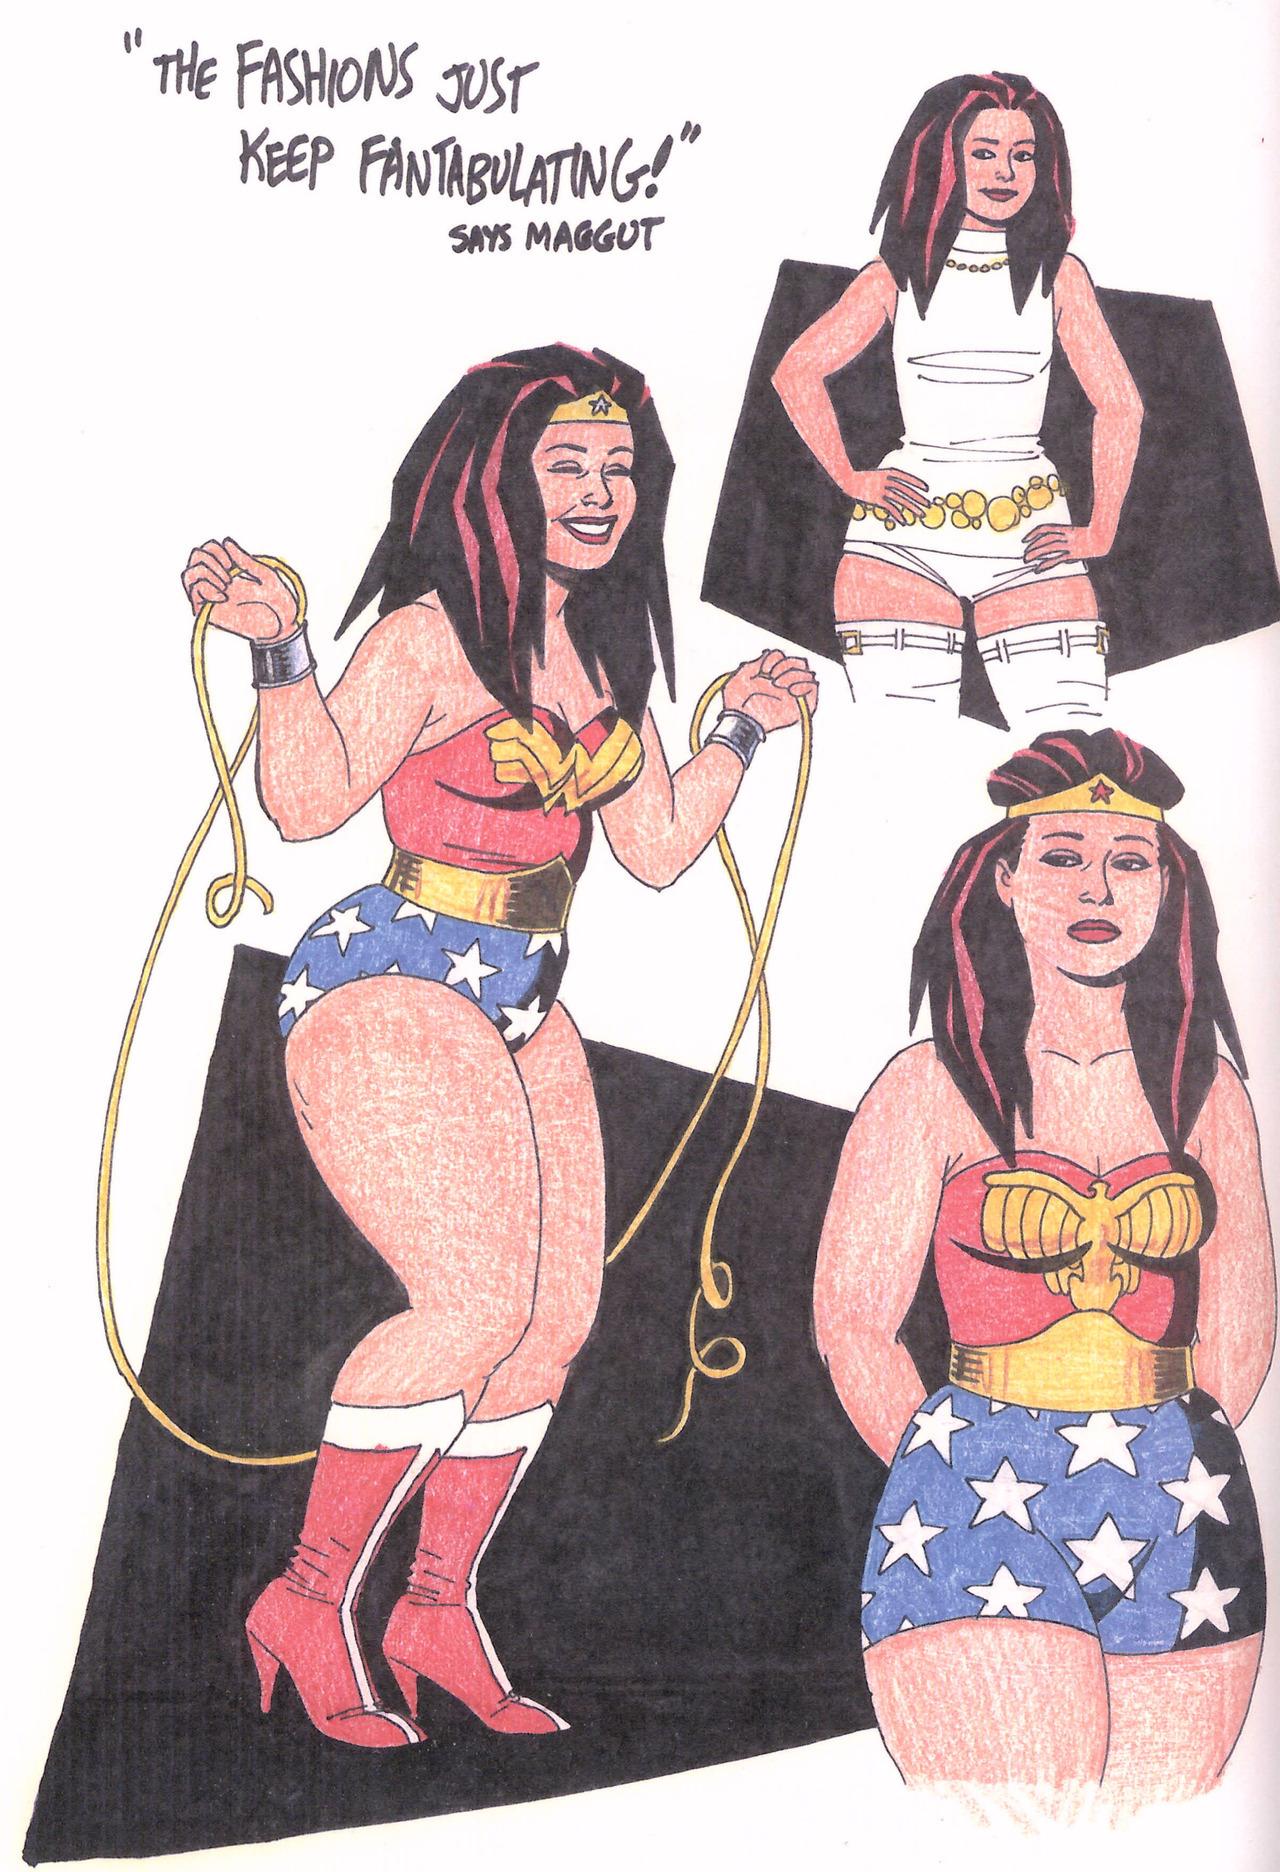 Jaime Hernandez drawings of Maggie as Wonder Woman